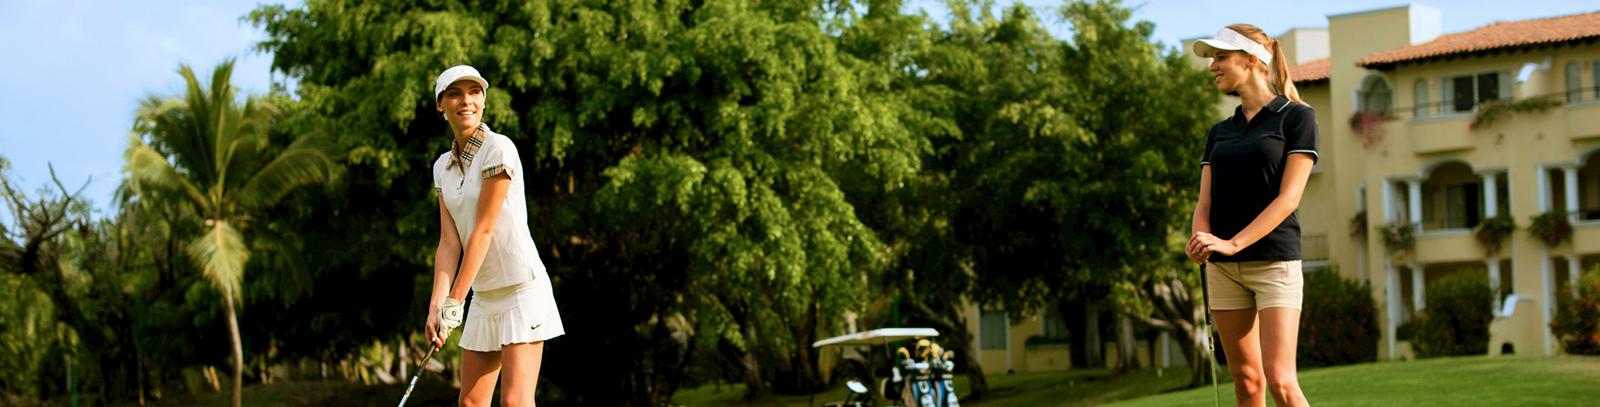 Golf Pro Package at Grand Velas Riviera Nayarit